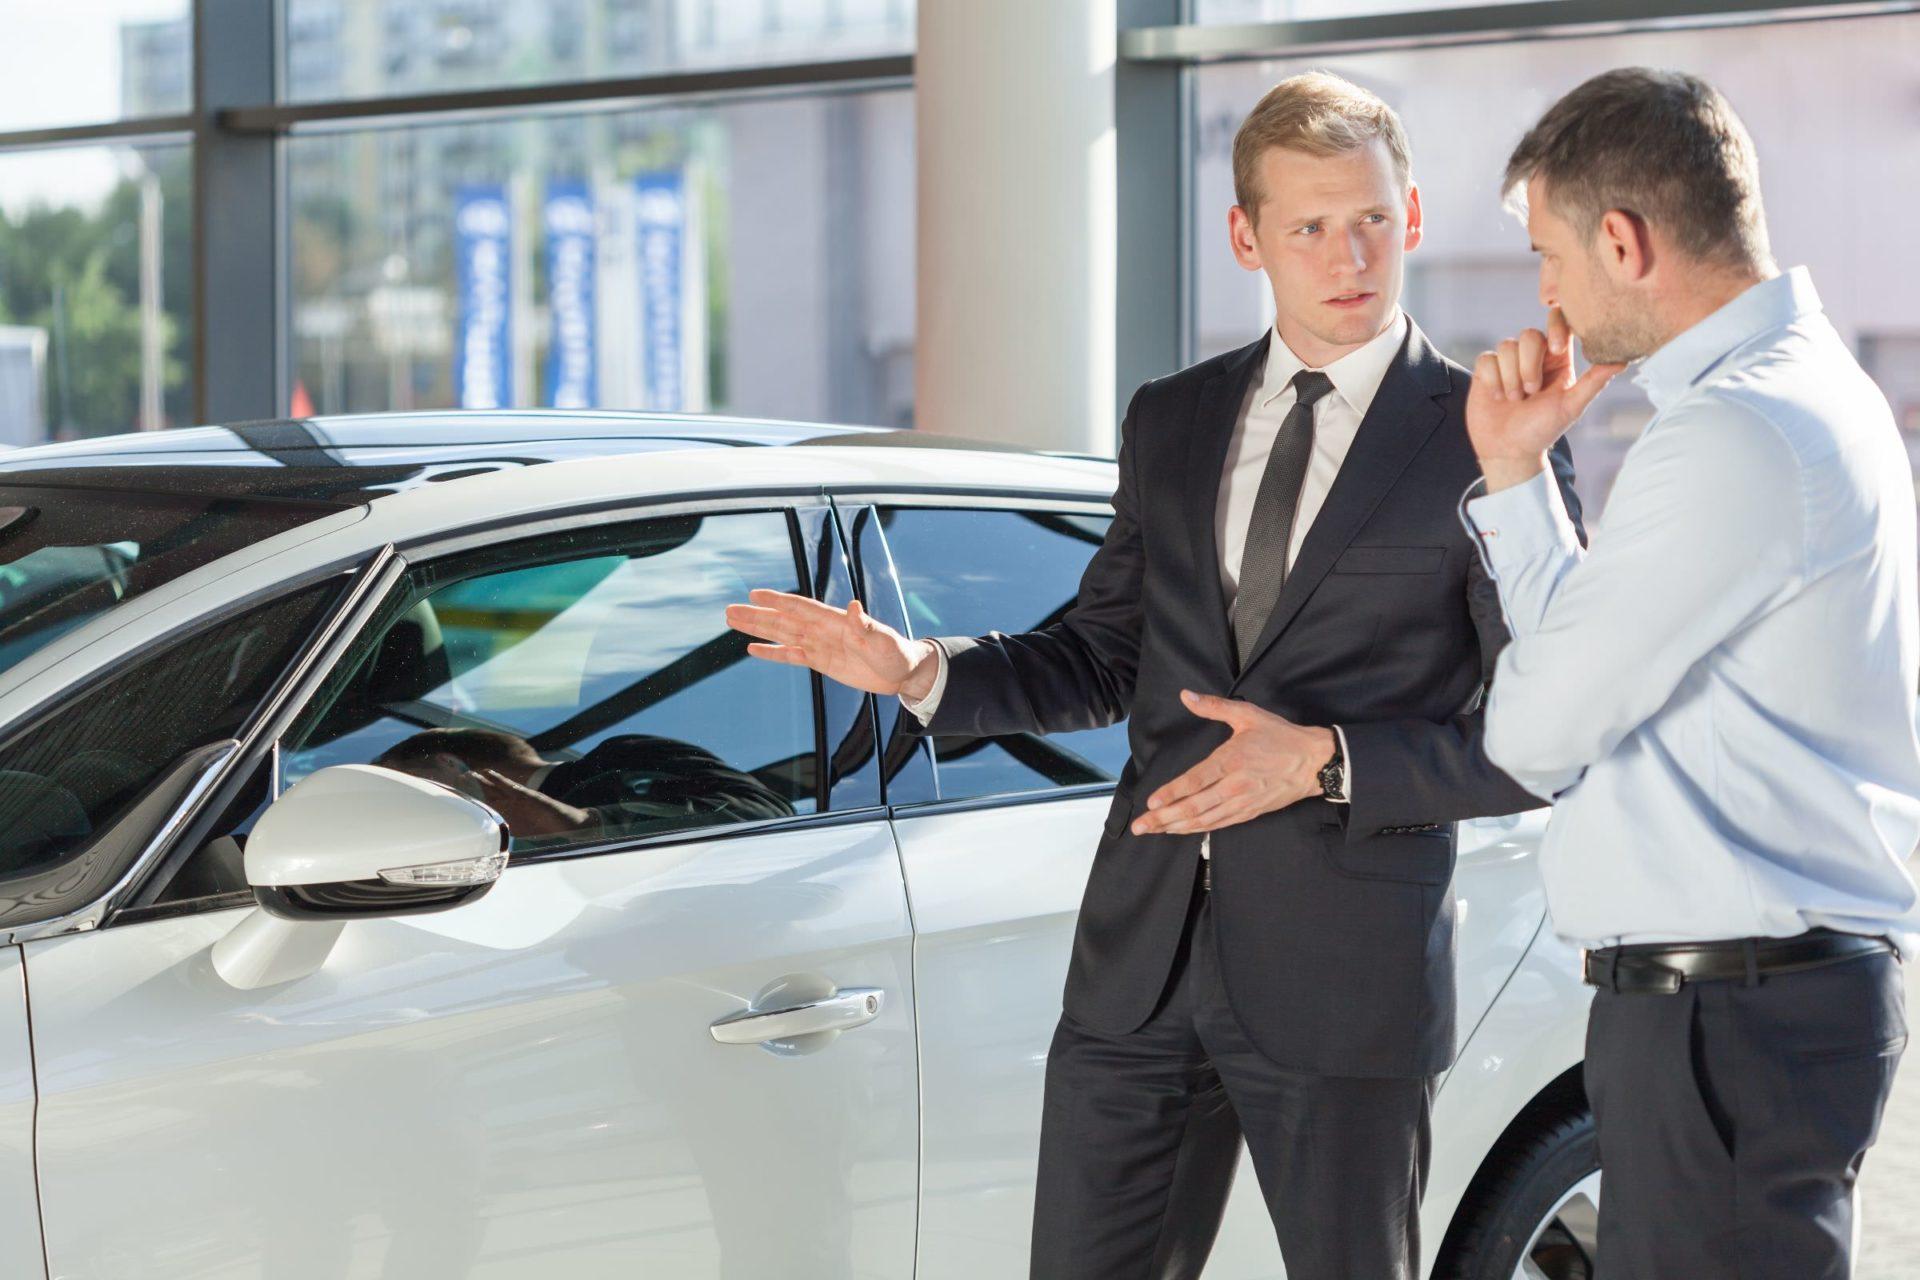 Водителям РФ разъяснили, как избежать покупки «убитого» после каршеринга автомобиля